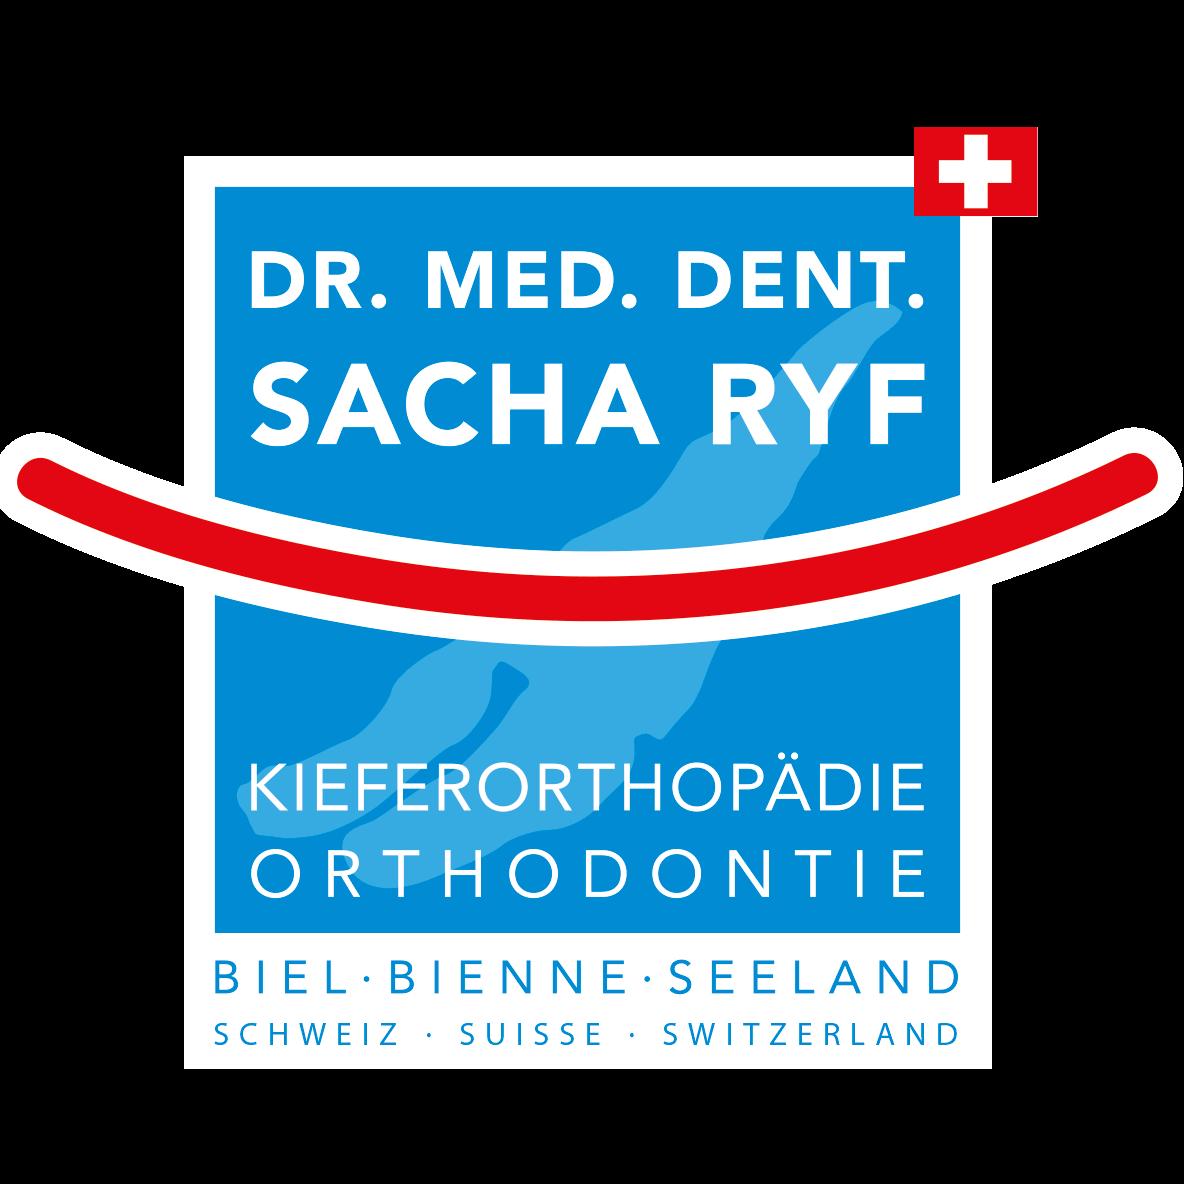 Dr. med. dent. Sacha Ryf, Fachzahnarzt für Kieferorthopädie (CH)